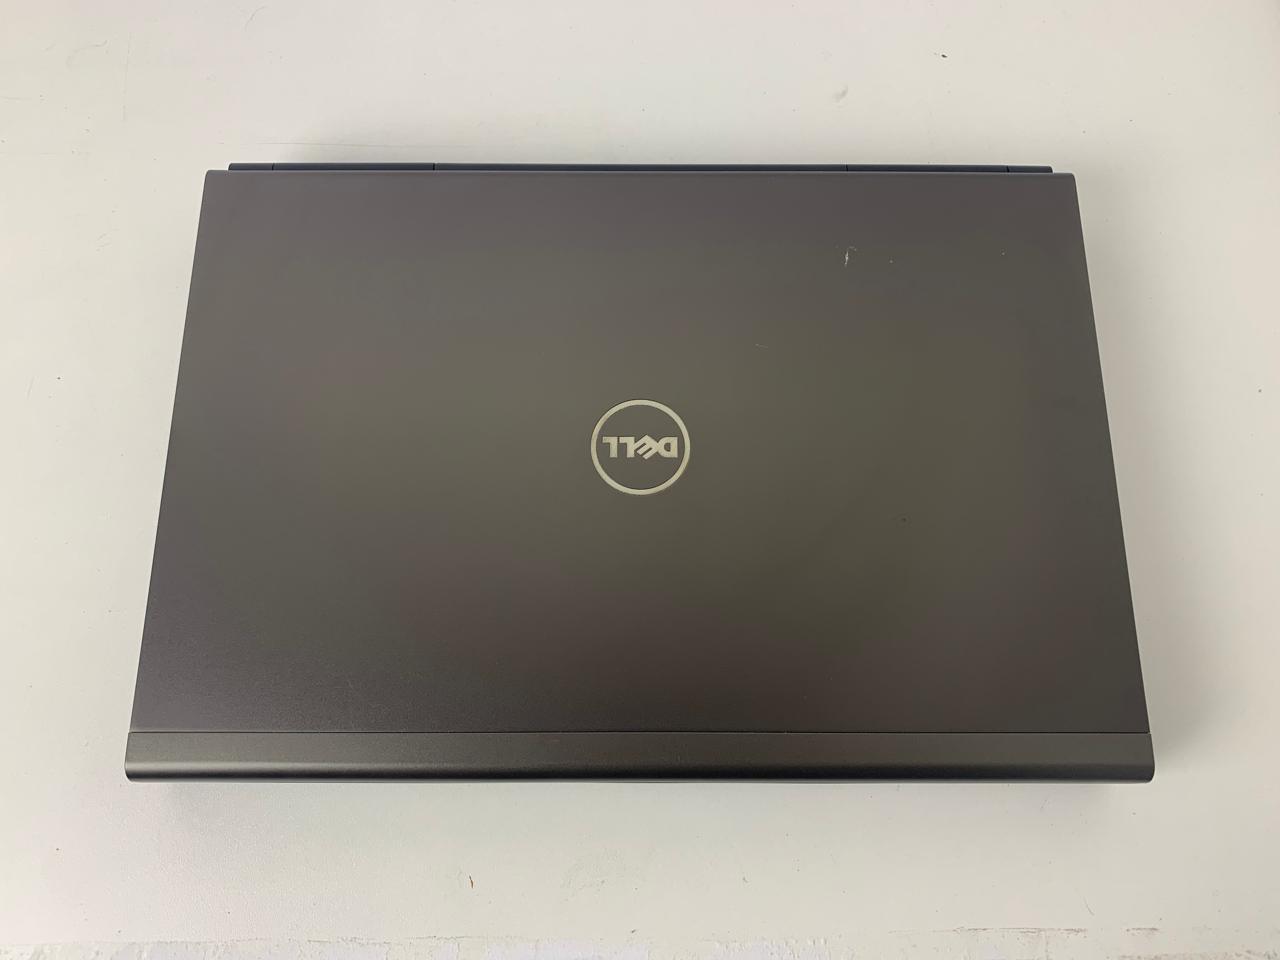 """Work Note Dell Precision M4800 15,6"""" Estação de Trabalho Core i7 2.8Ghz 16GB HD-1TB + 2GB Dedicada + Alphanumérico"""